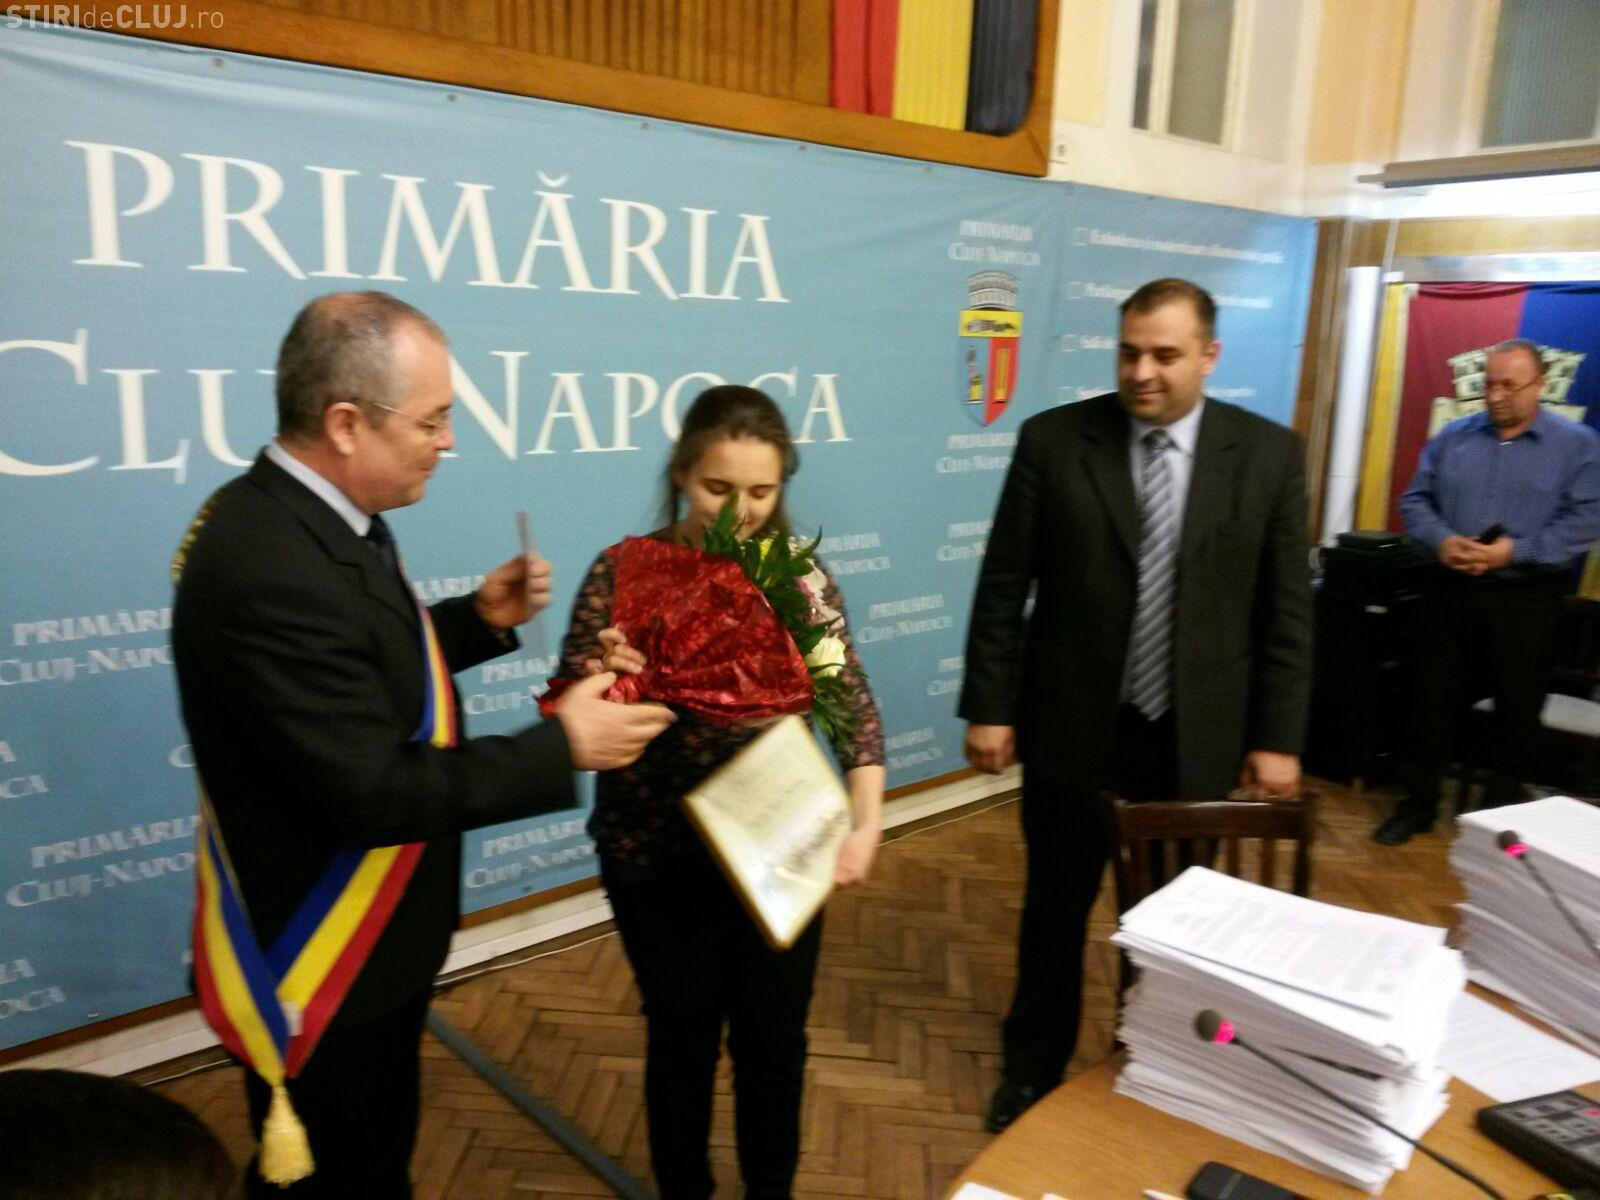 Eleva clujeancă, câștigătoare a concursului de traduceri organizat de UE, premiată de Boc FOTO